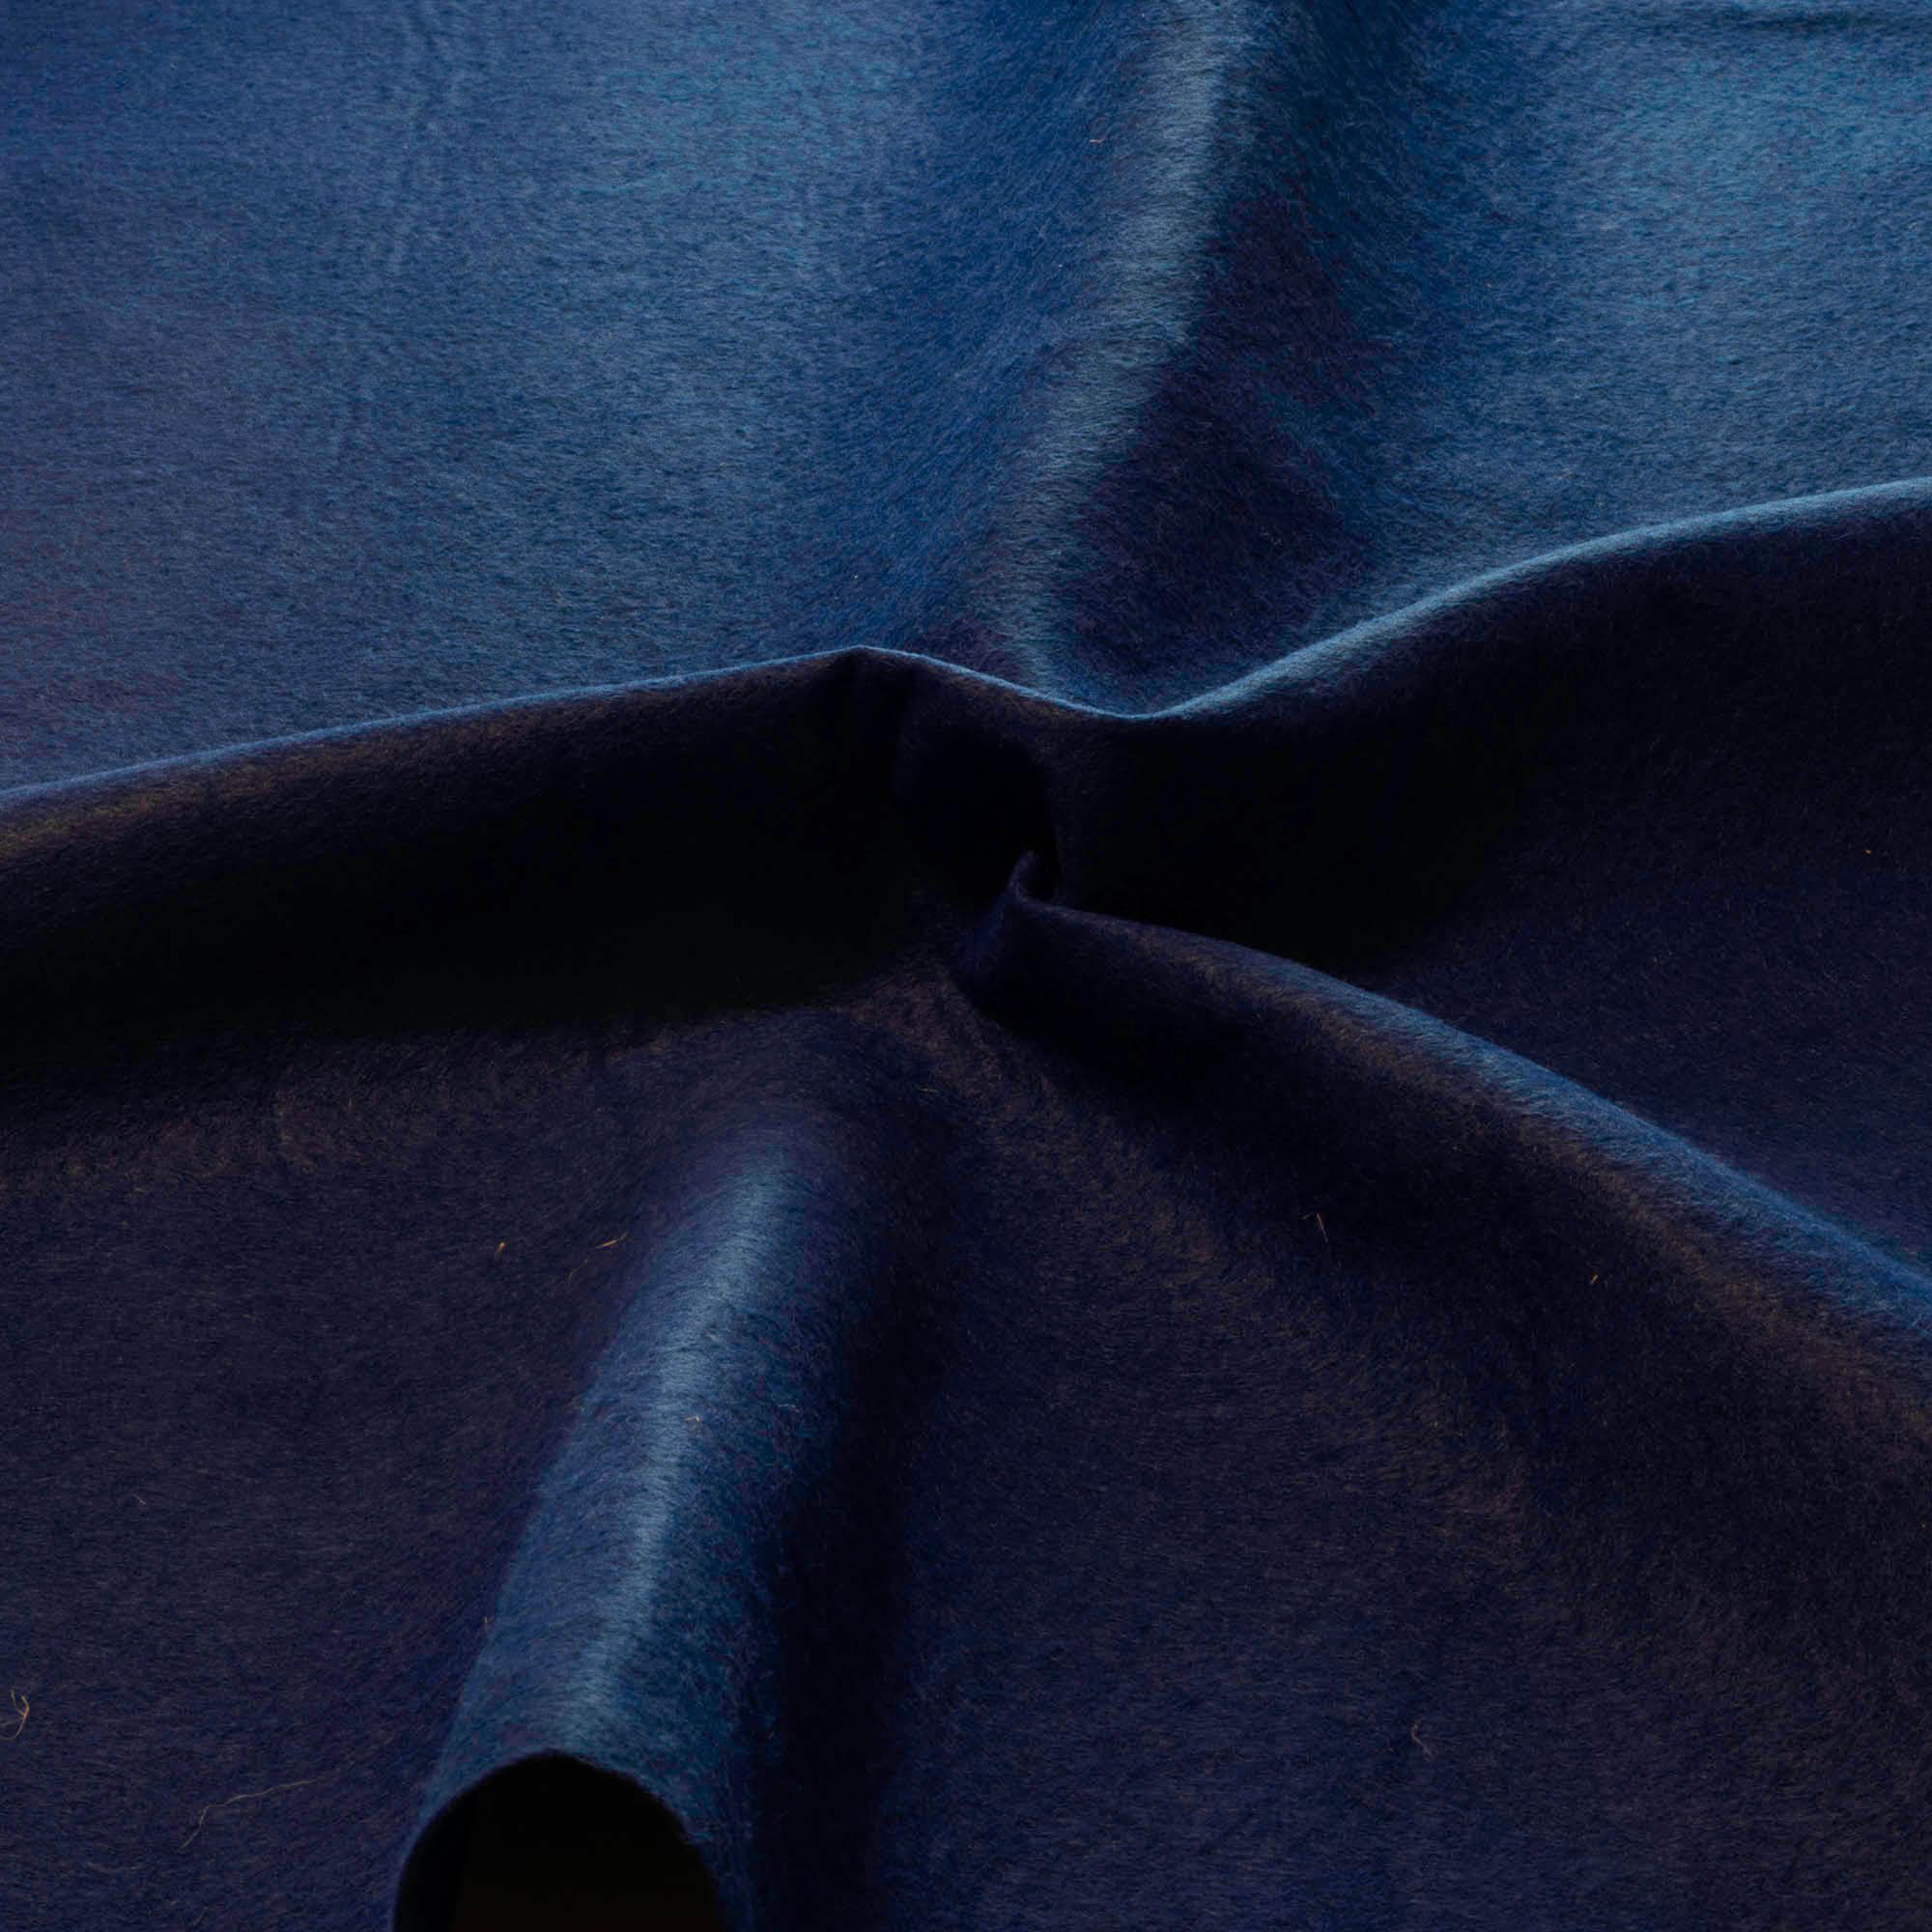 Tecido Feltro Azul Royal 100% Poliester 1,40 m Largura